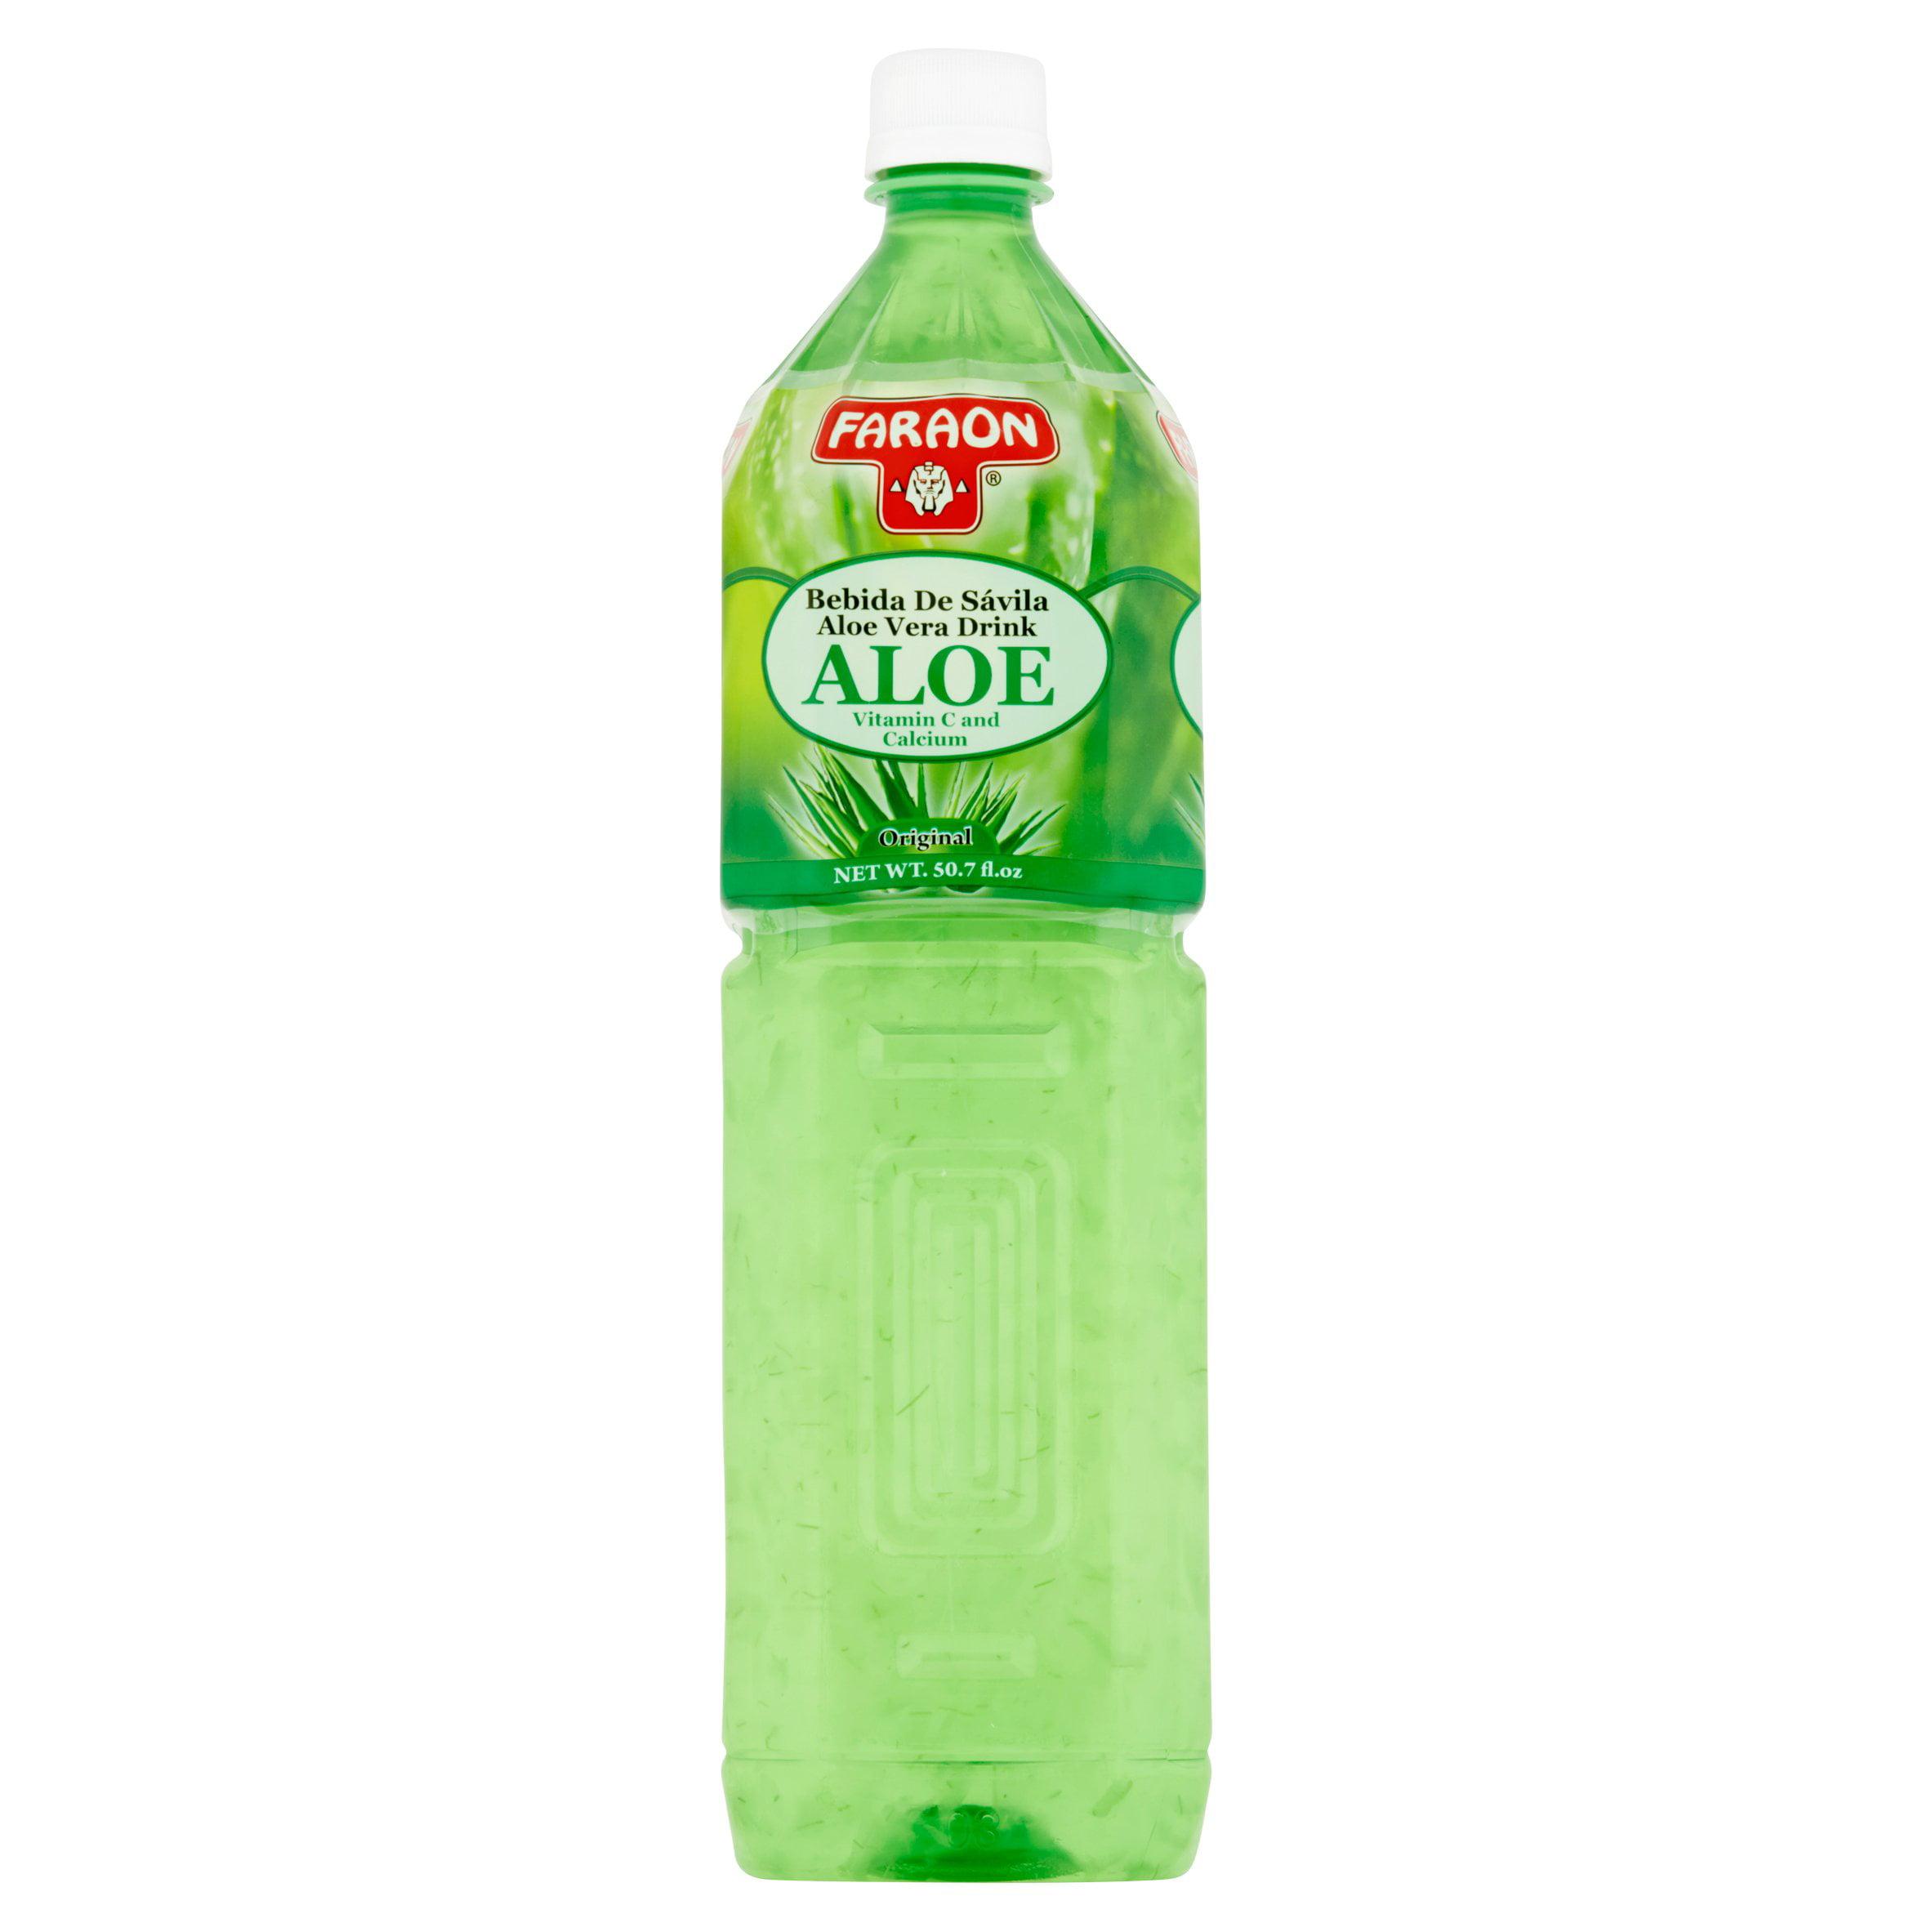 Faraon Original Aloe Vera Drink, 50.7 Fl Oz